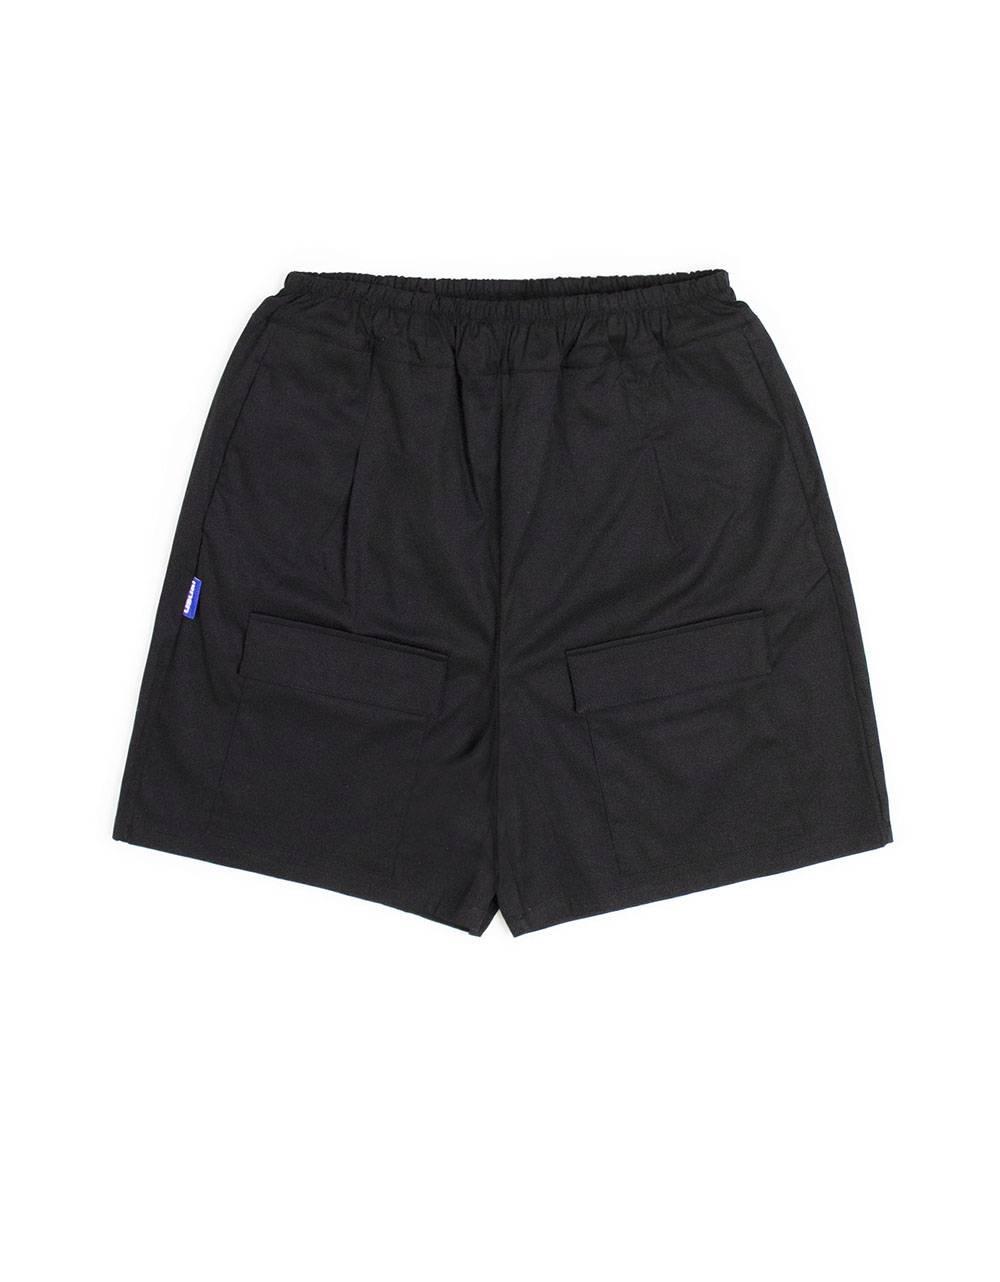 Nostalgia 1994 by Usual utility shorts - black Usual Shorts 96,00€